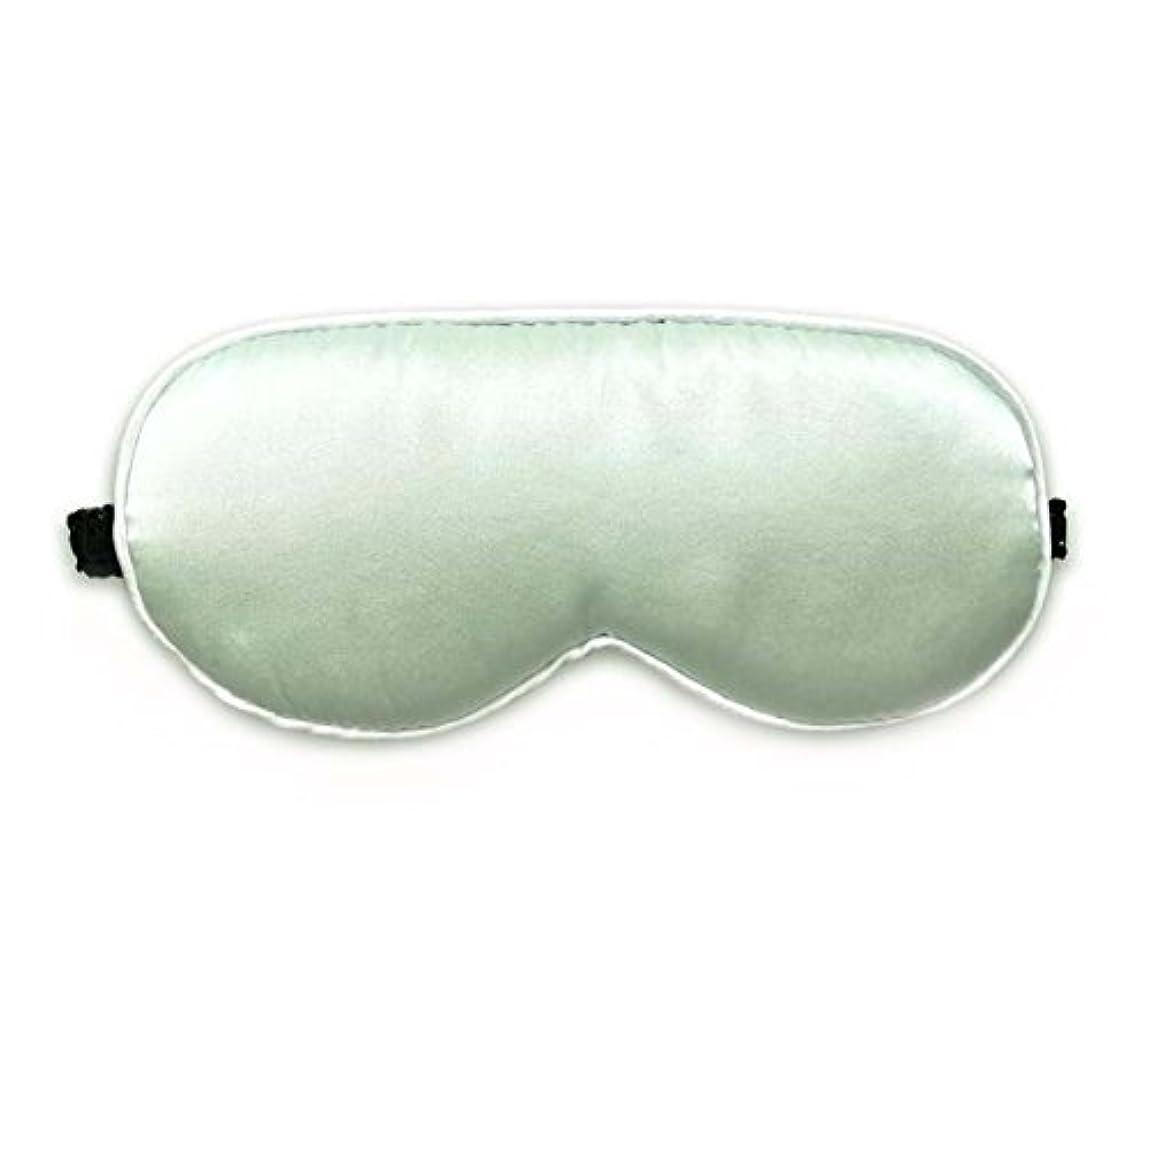 ロースト磁石決済ライトグリーンソフトシルクスリープアイマスクカバー